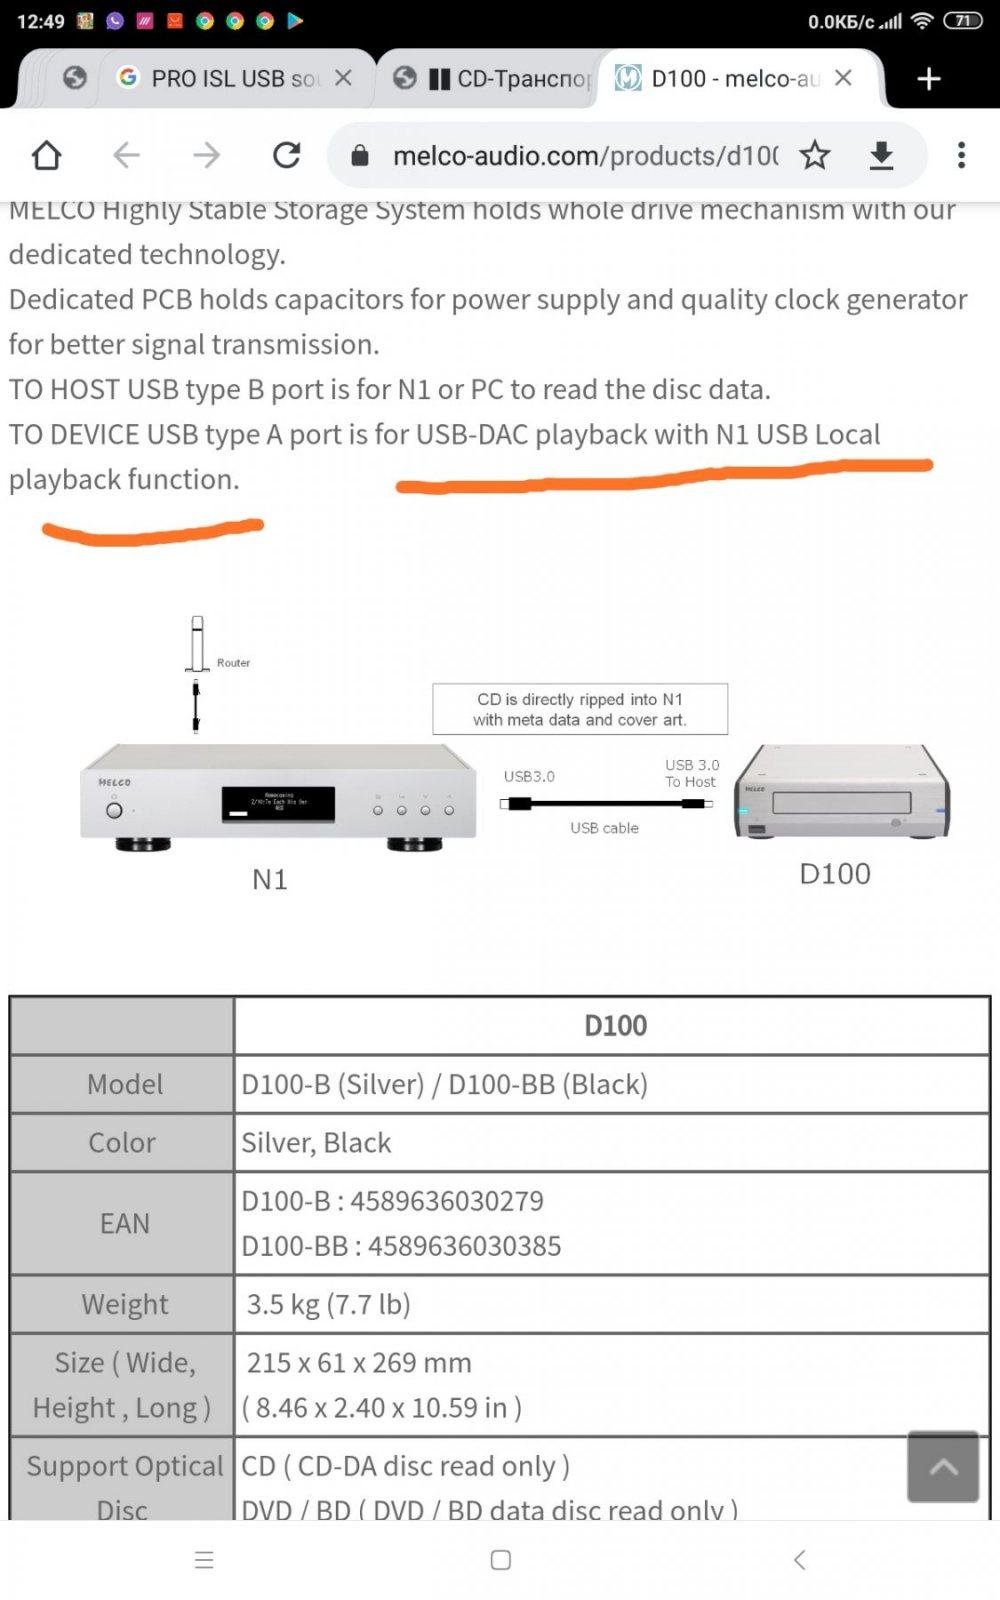 Screenshot_2020-04-28-12-49-02-374_com.android.chrome.png